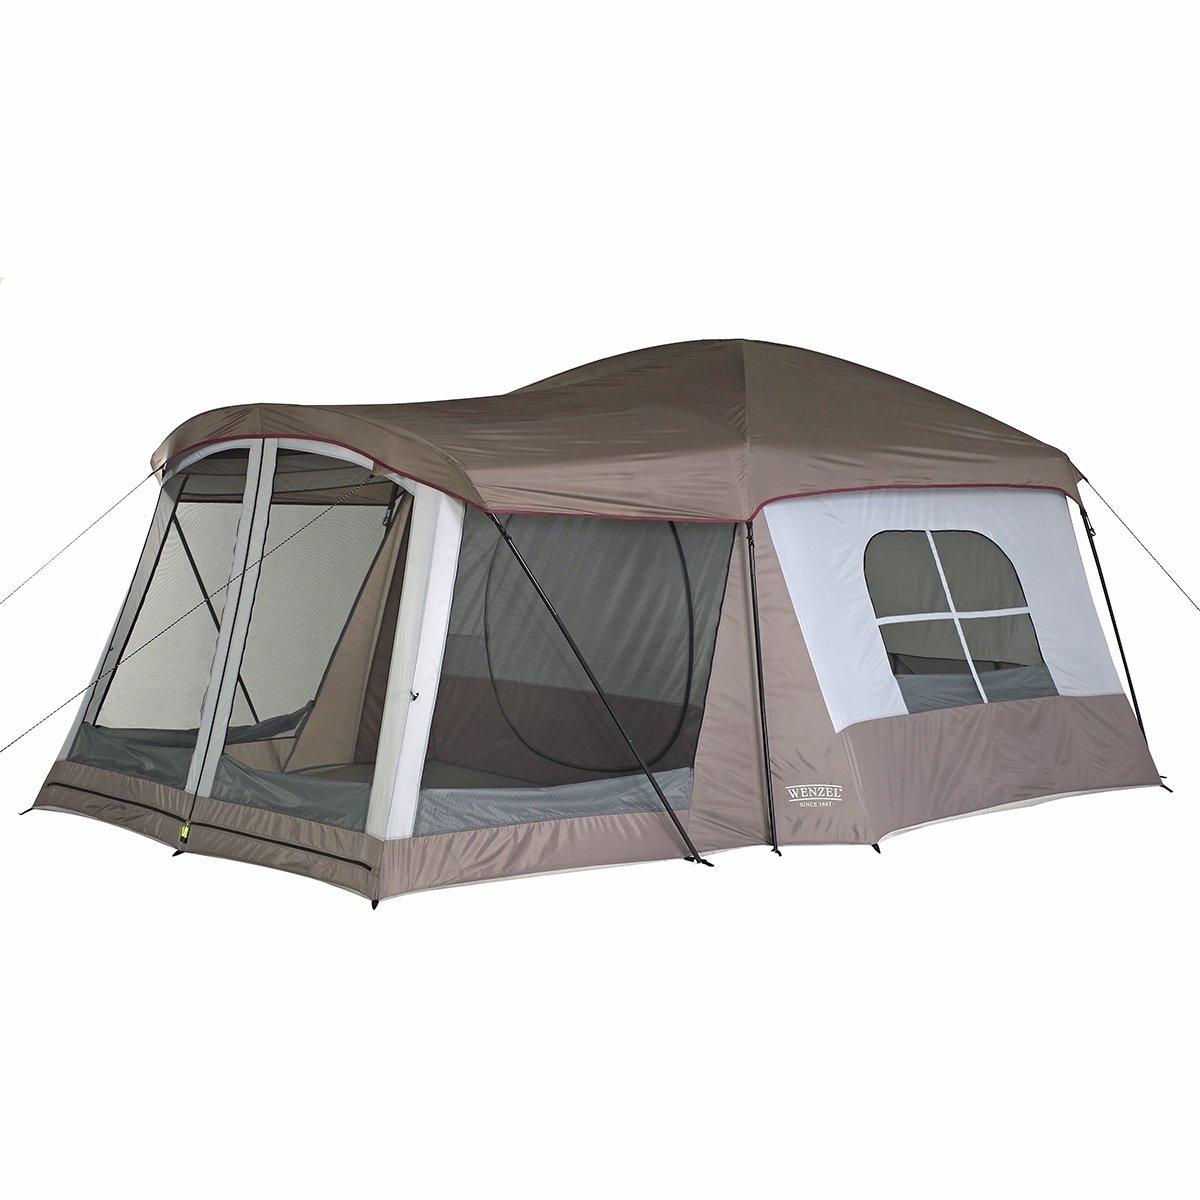 テント キャンプ アウトドア 8人用 Wenzel 防災 非常